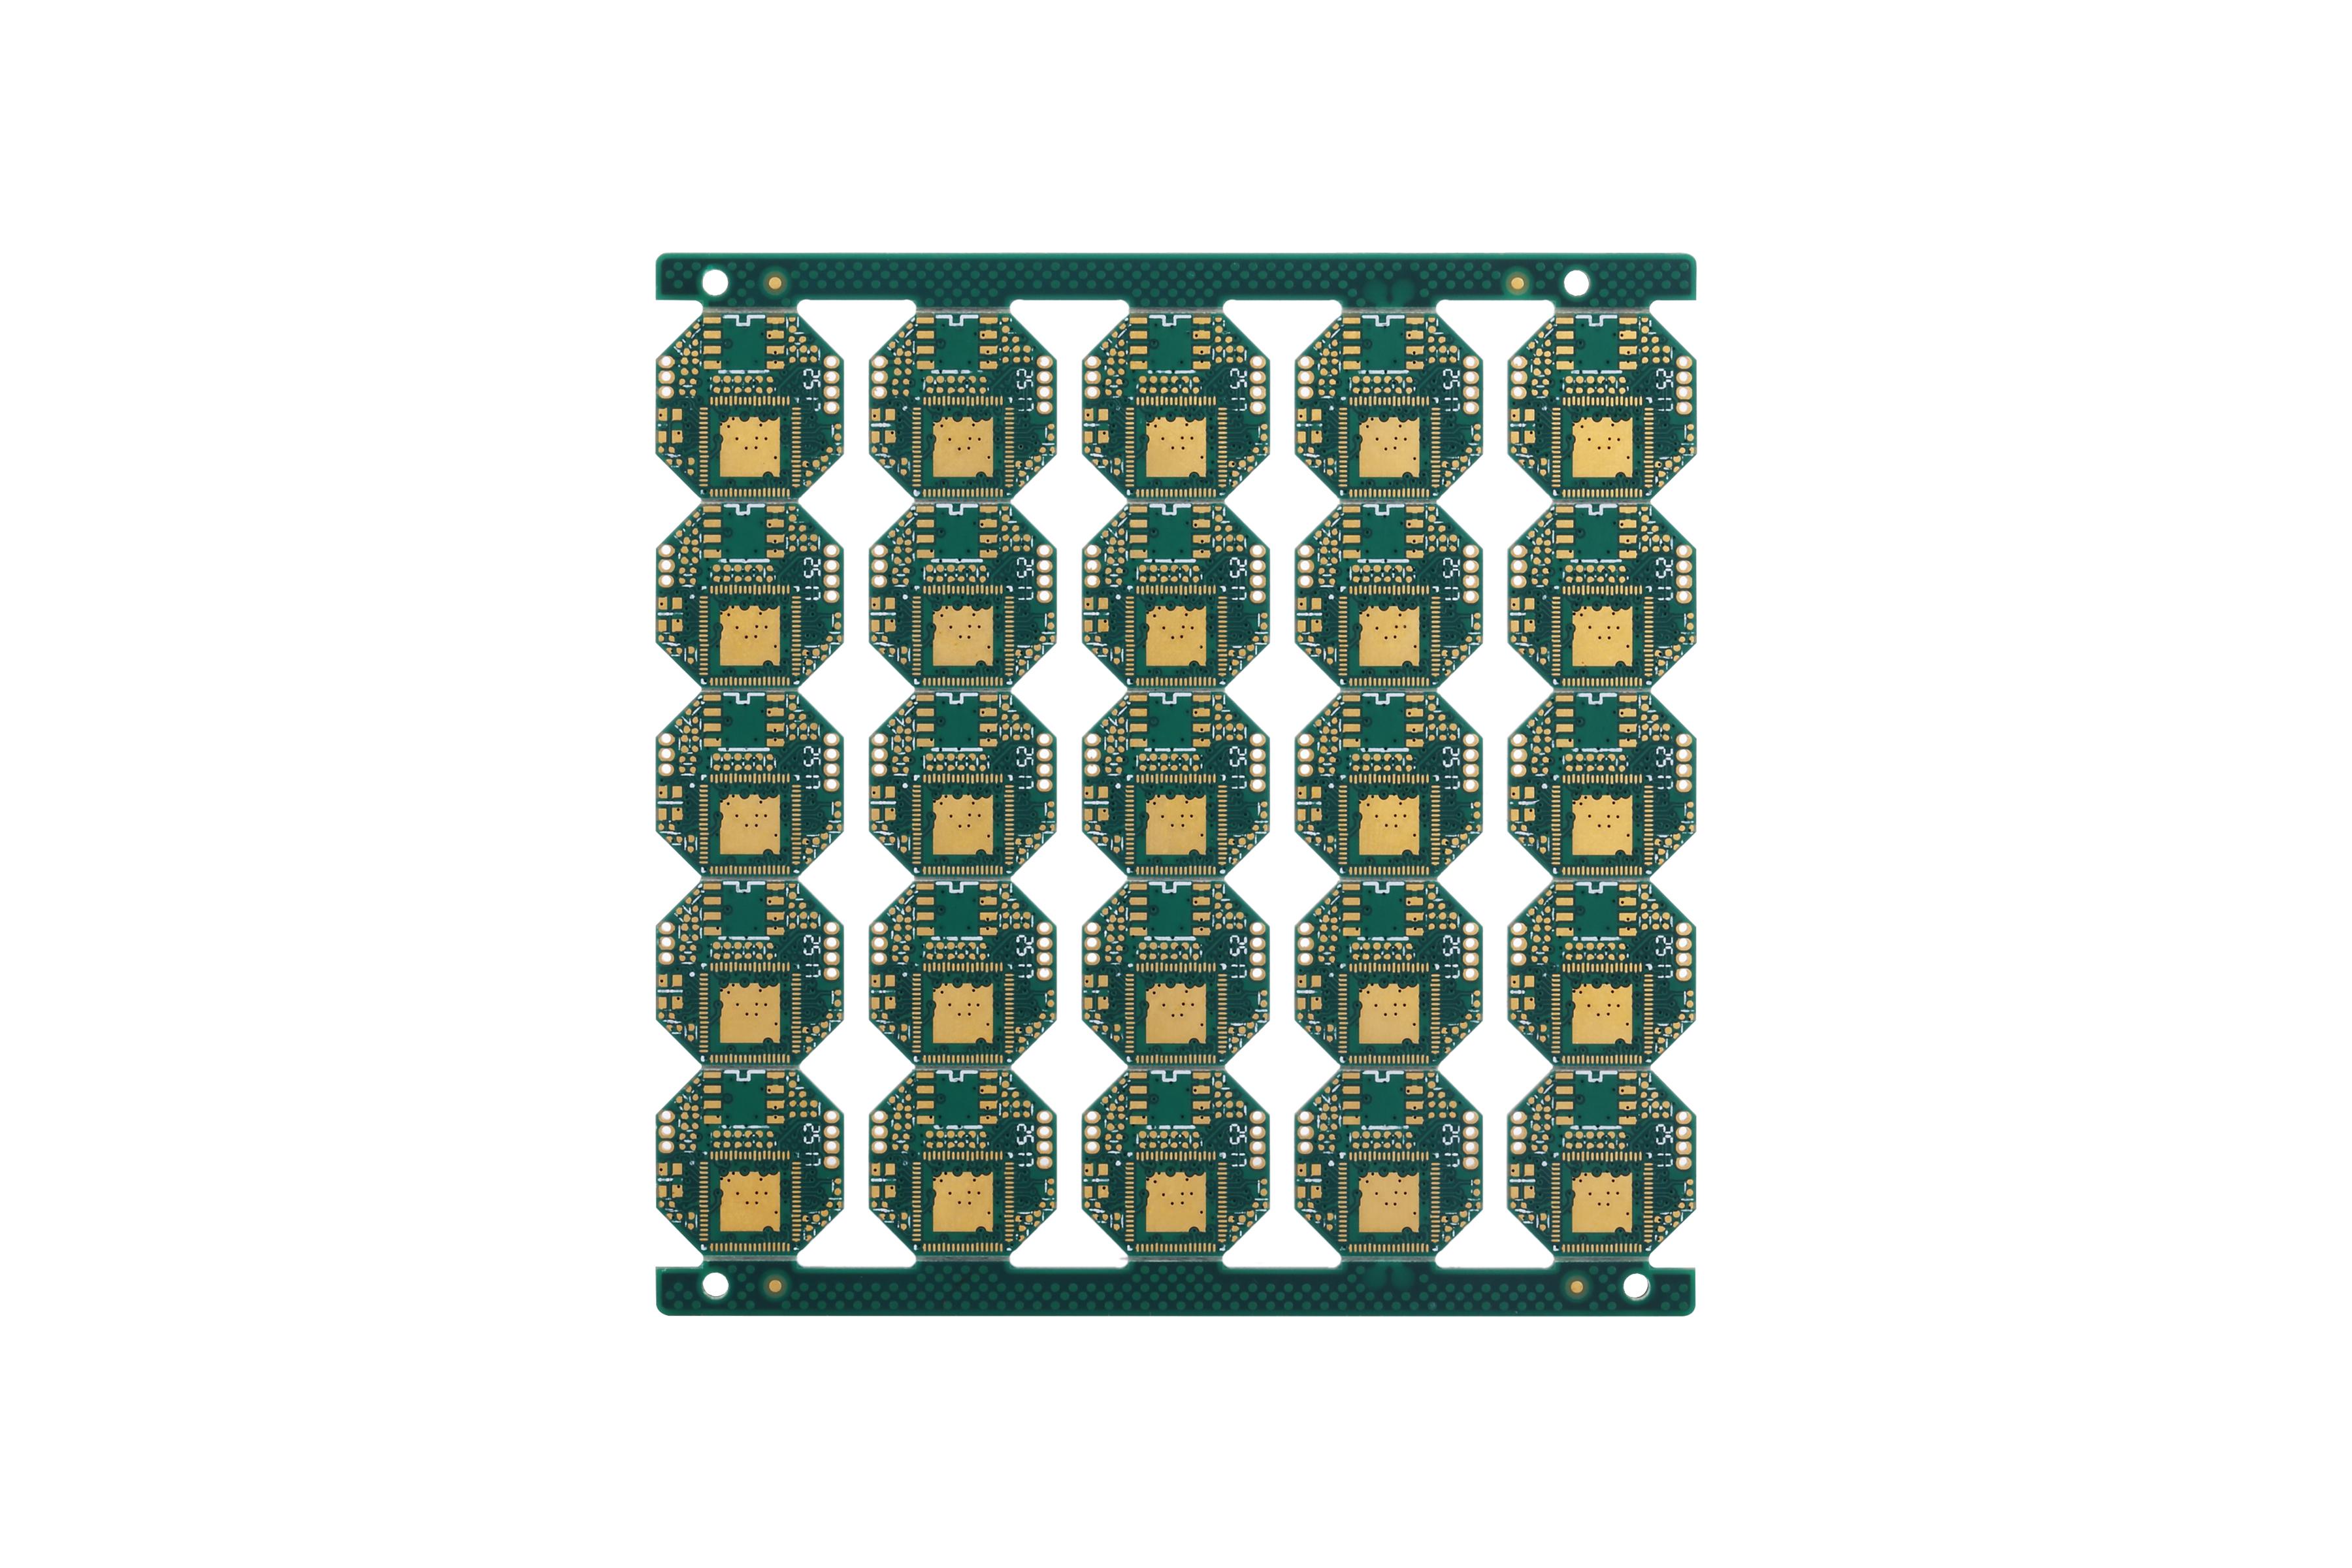 电路板制造厂家「联众供应」